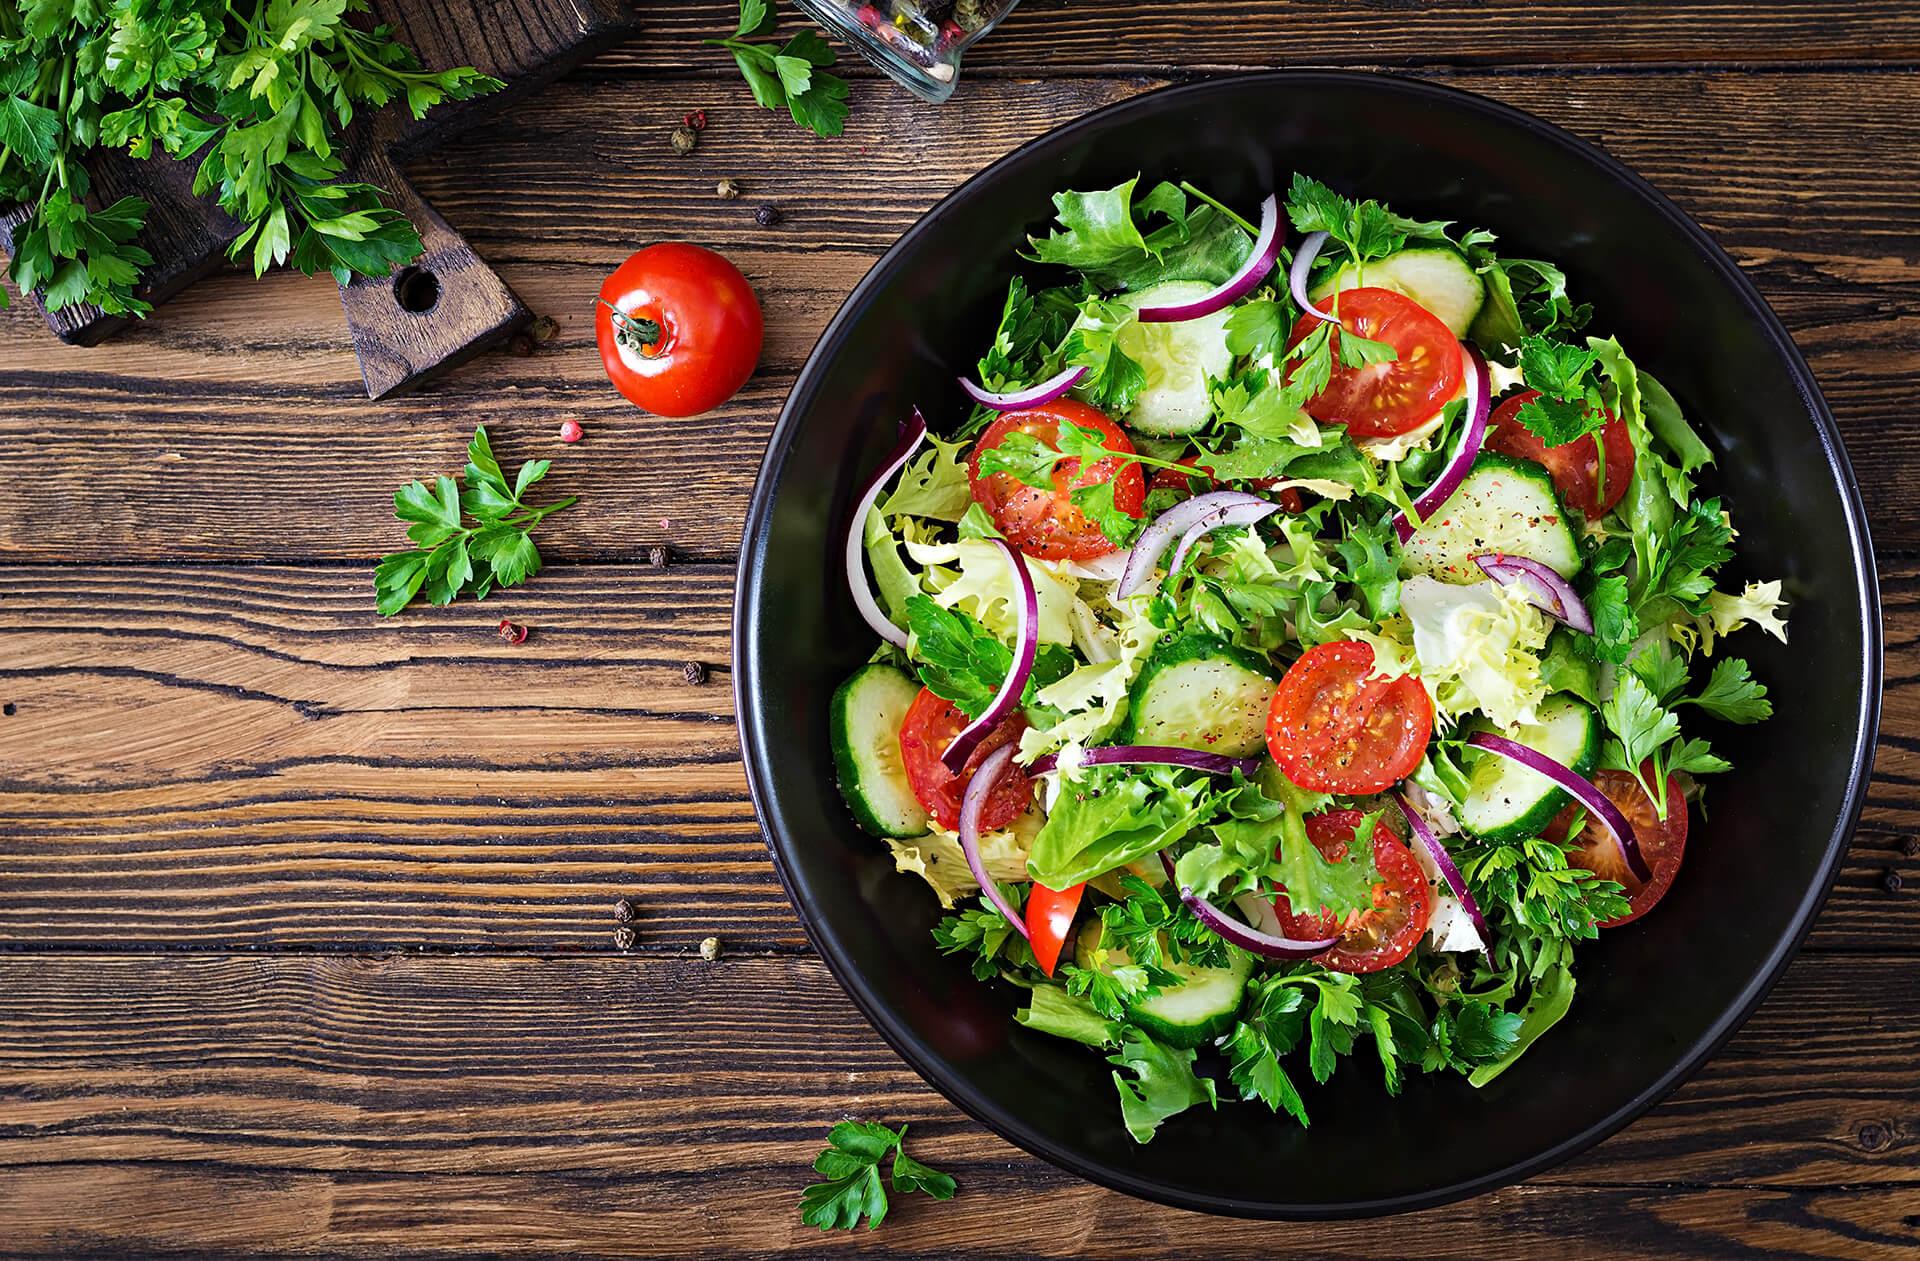 Vegan en veganistisch lunch boelaars raamsdonksveer geertruidenberg